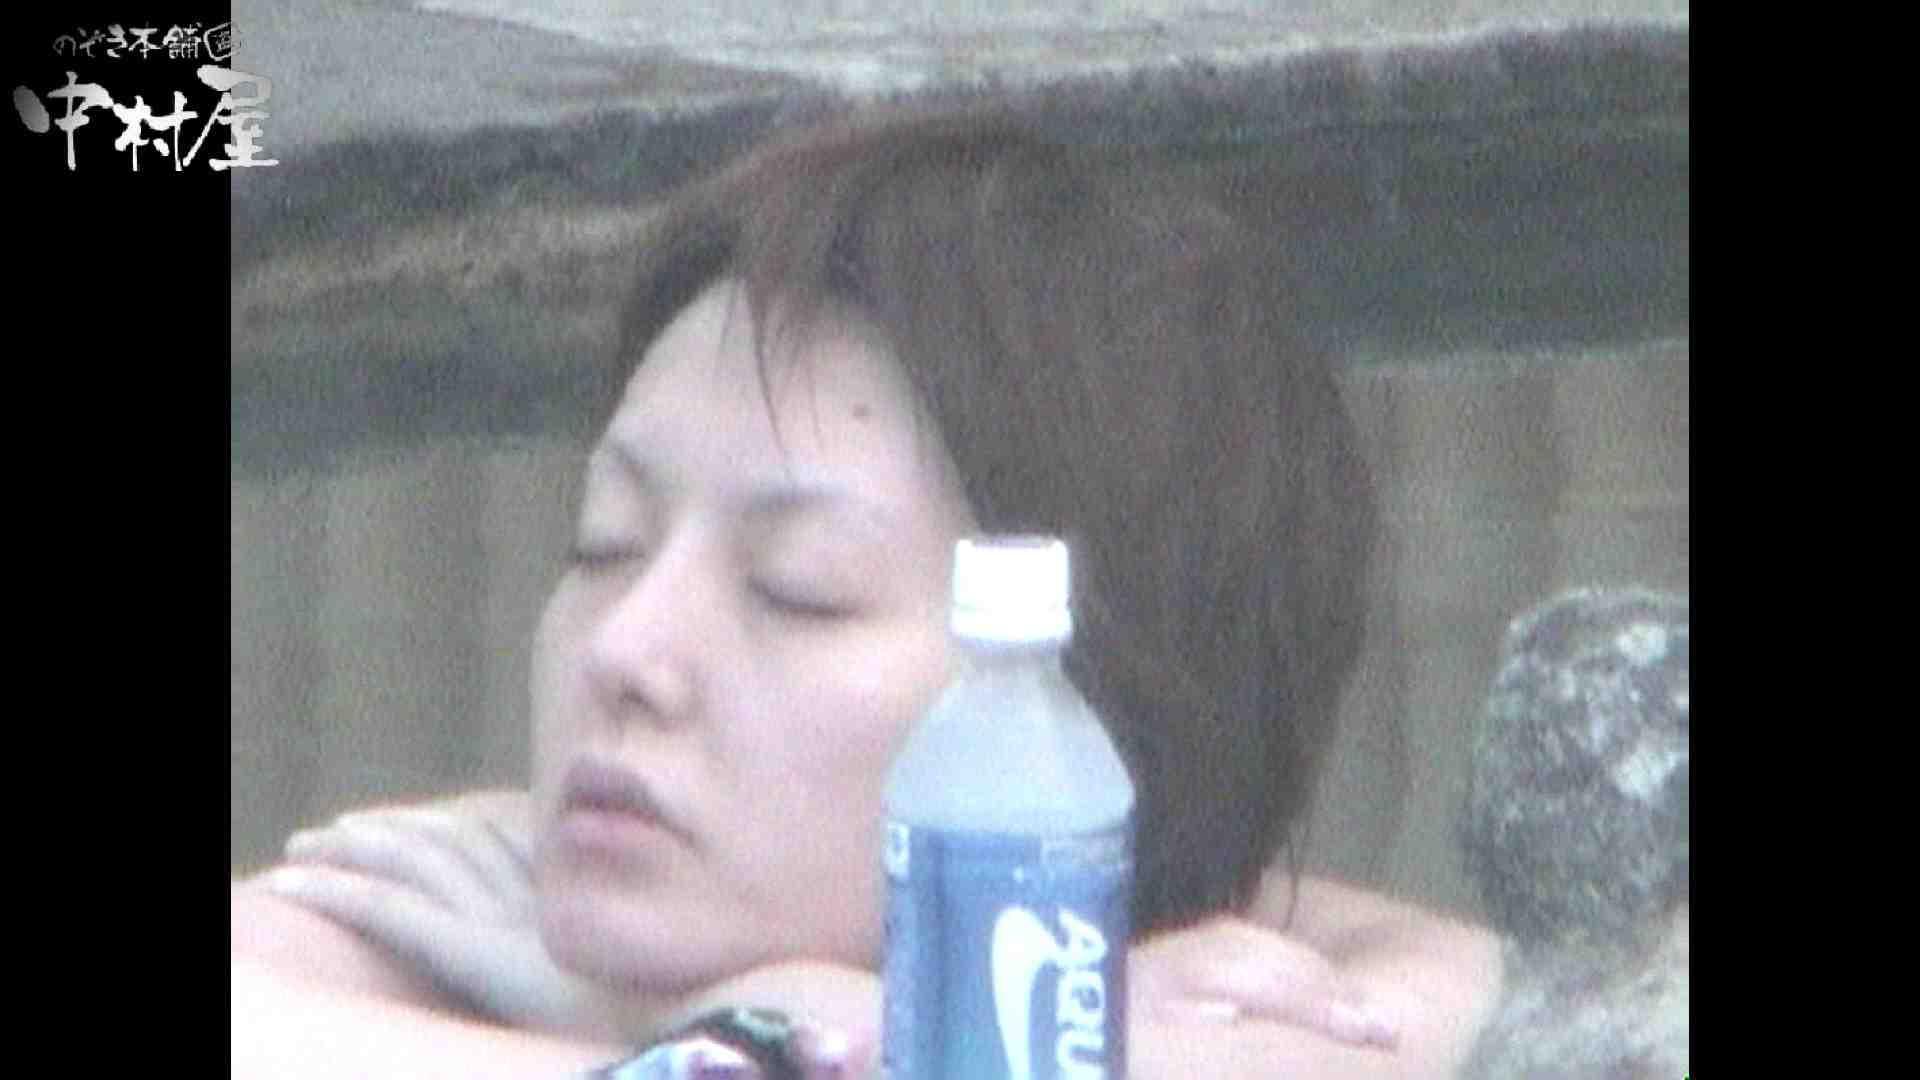 Aquaな露天風呂Vol.959 盗撮 | OLのエロ生活  42連発 19